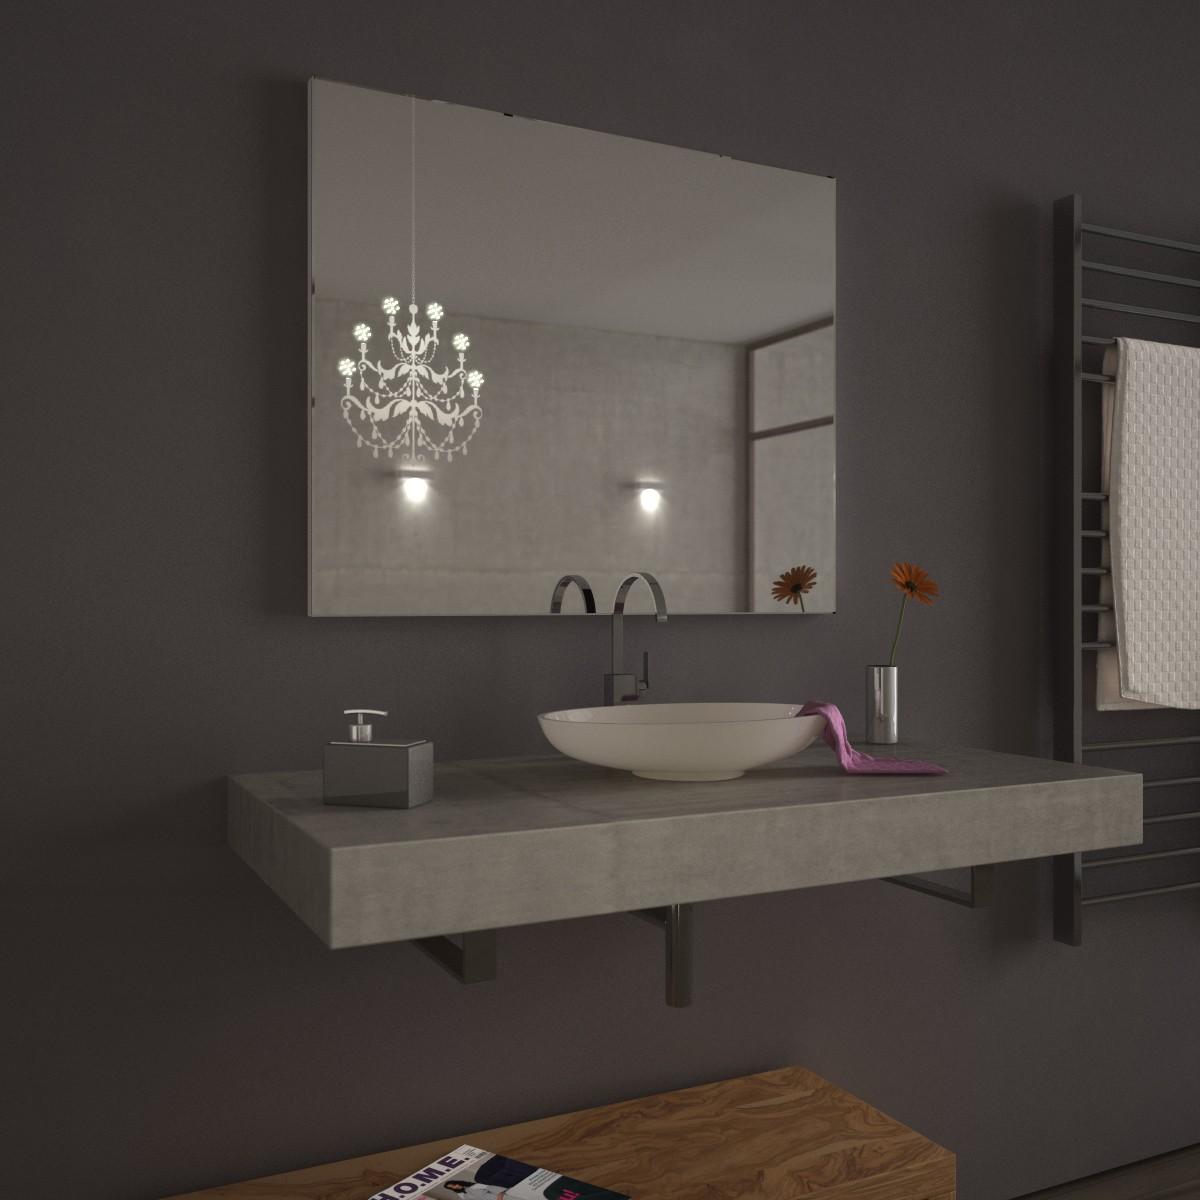 Badezimmerspiegel mit beleuchtung kronach 989704085 - Badezimmerspiegel ohne beleuchtung ...